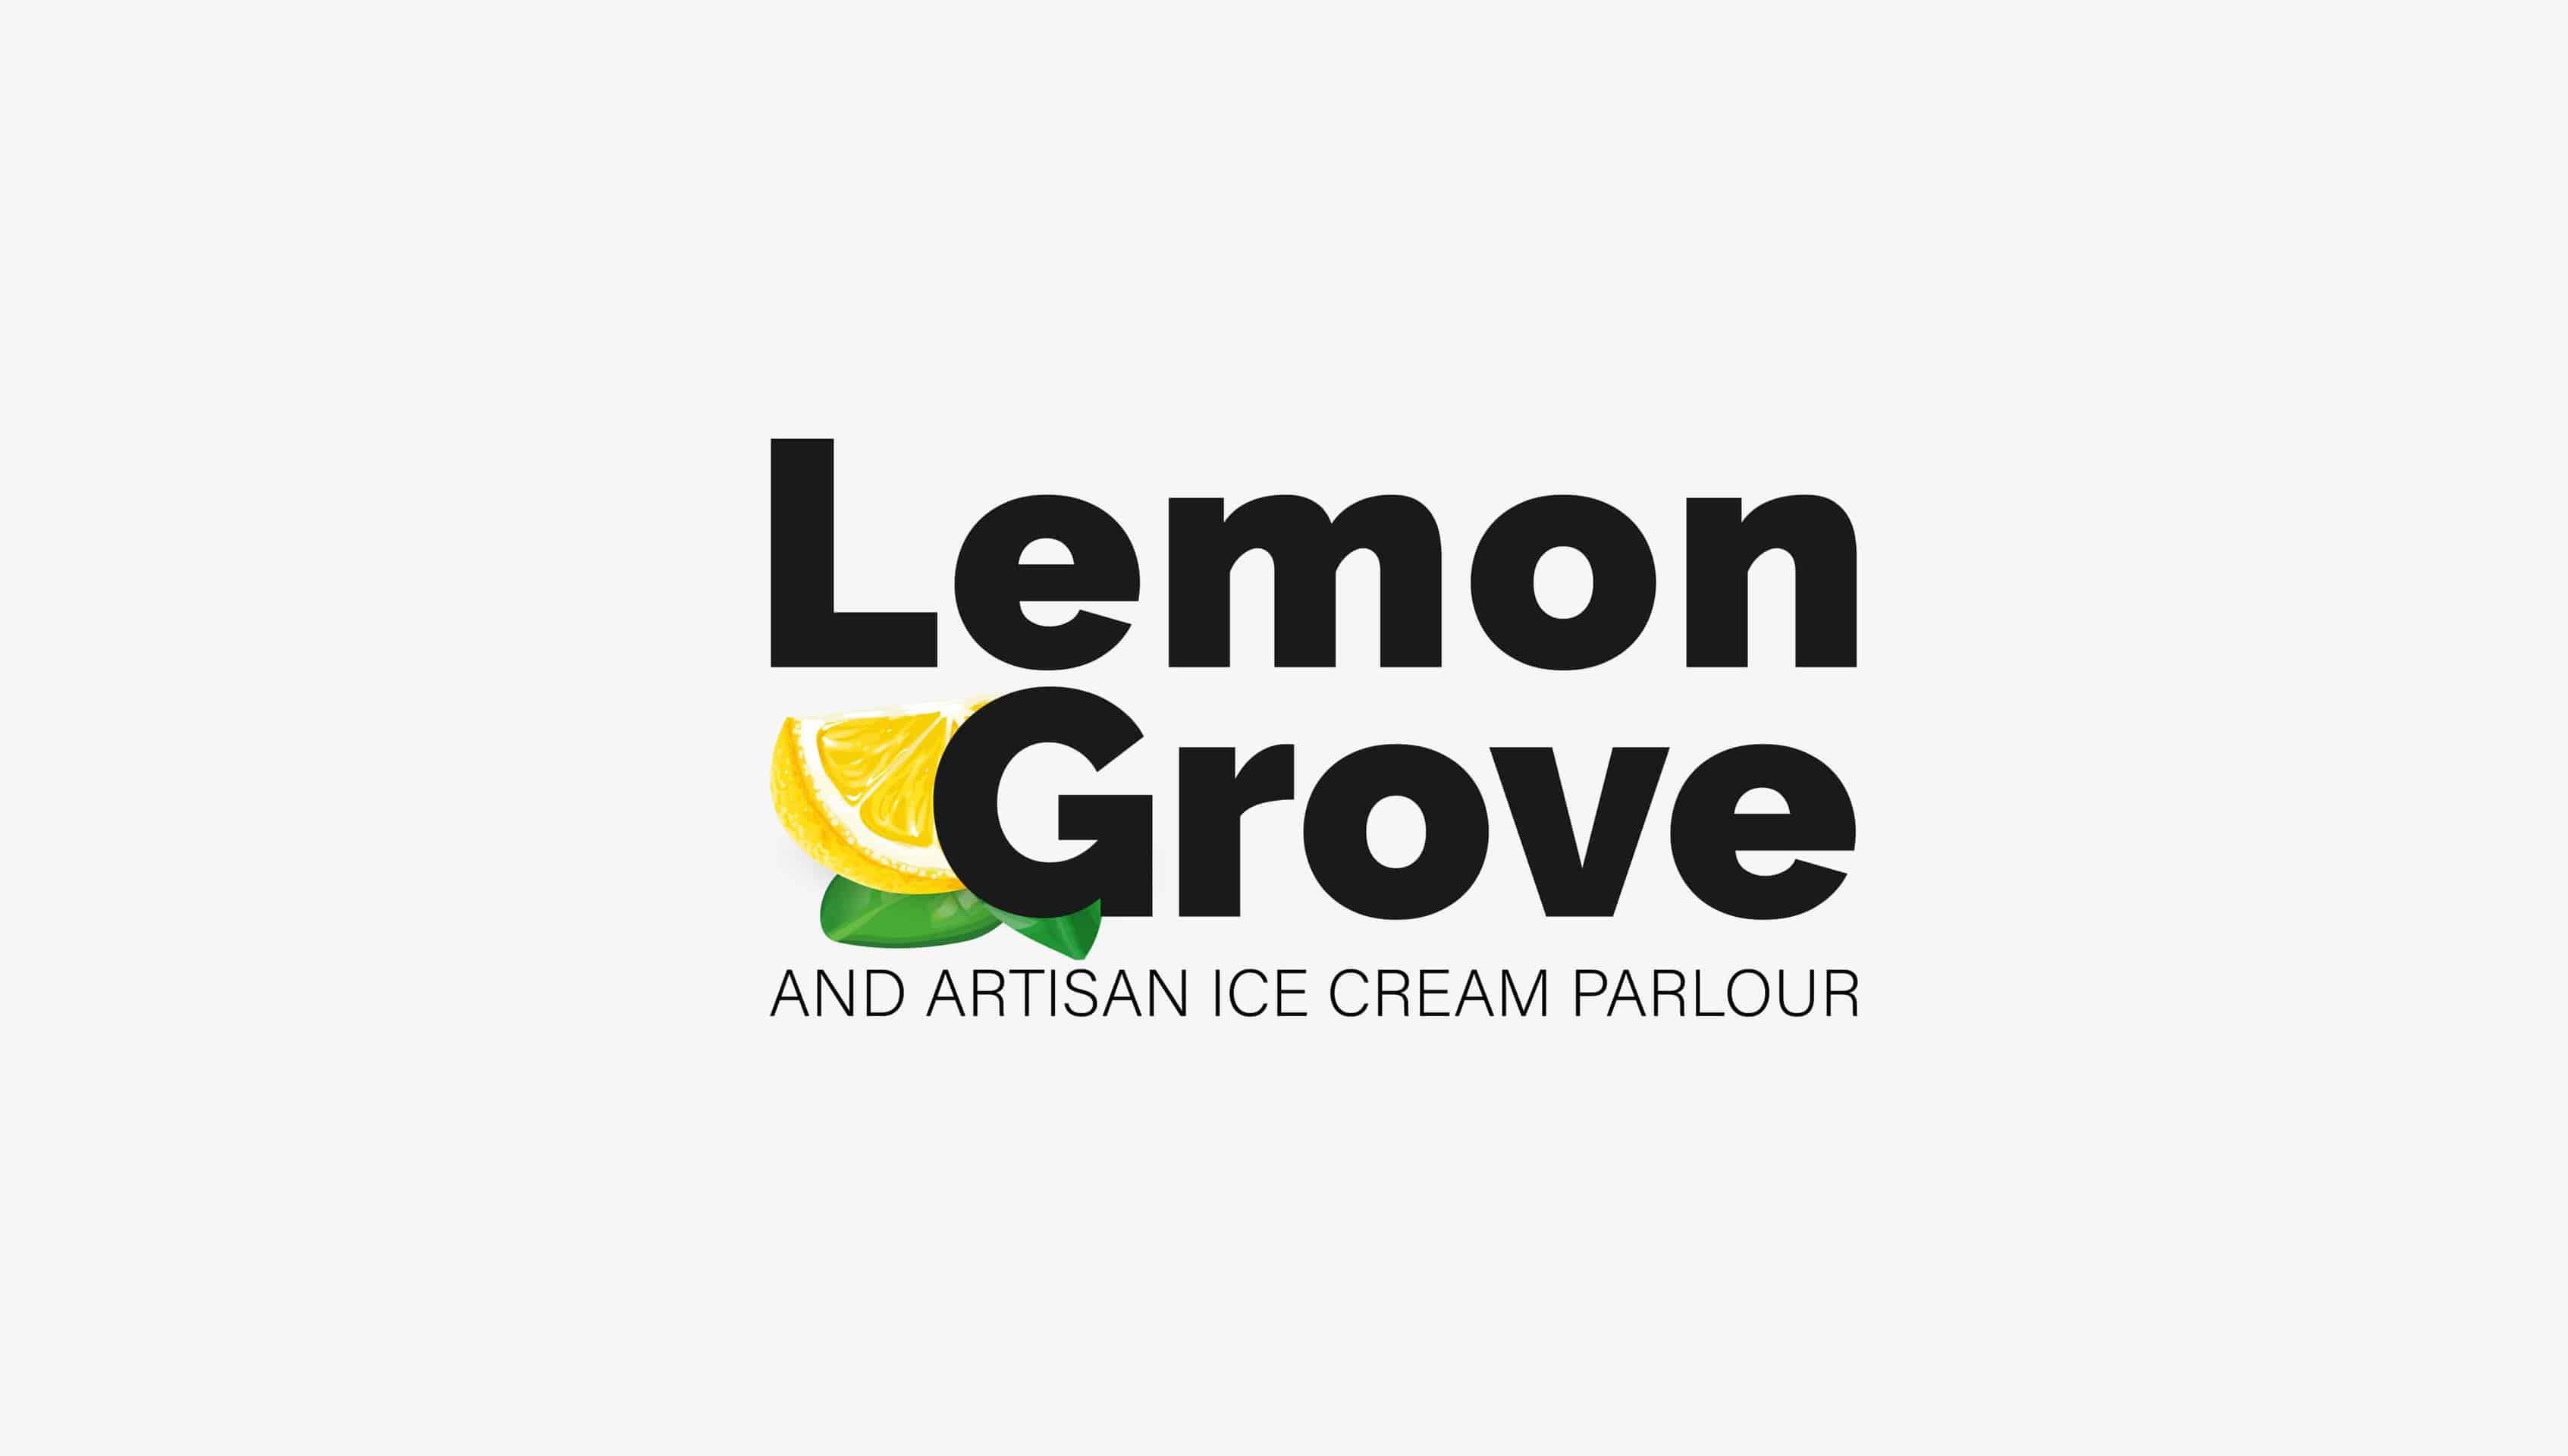 LEMON GRAVE BRANDING